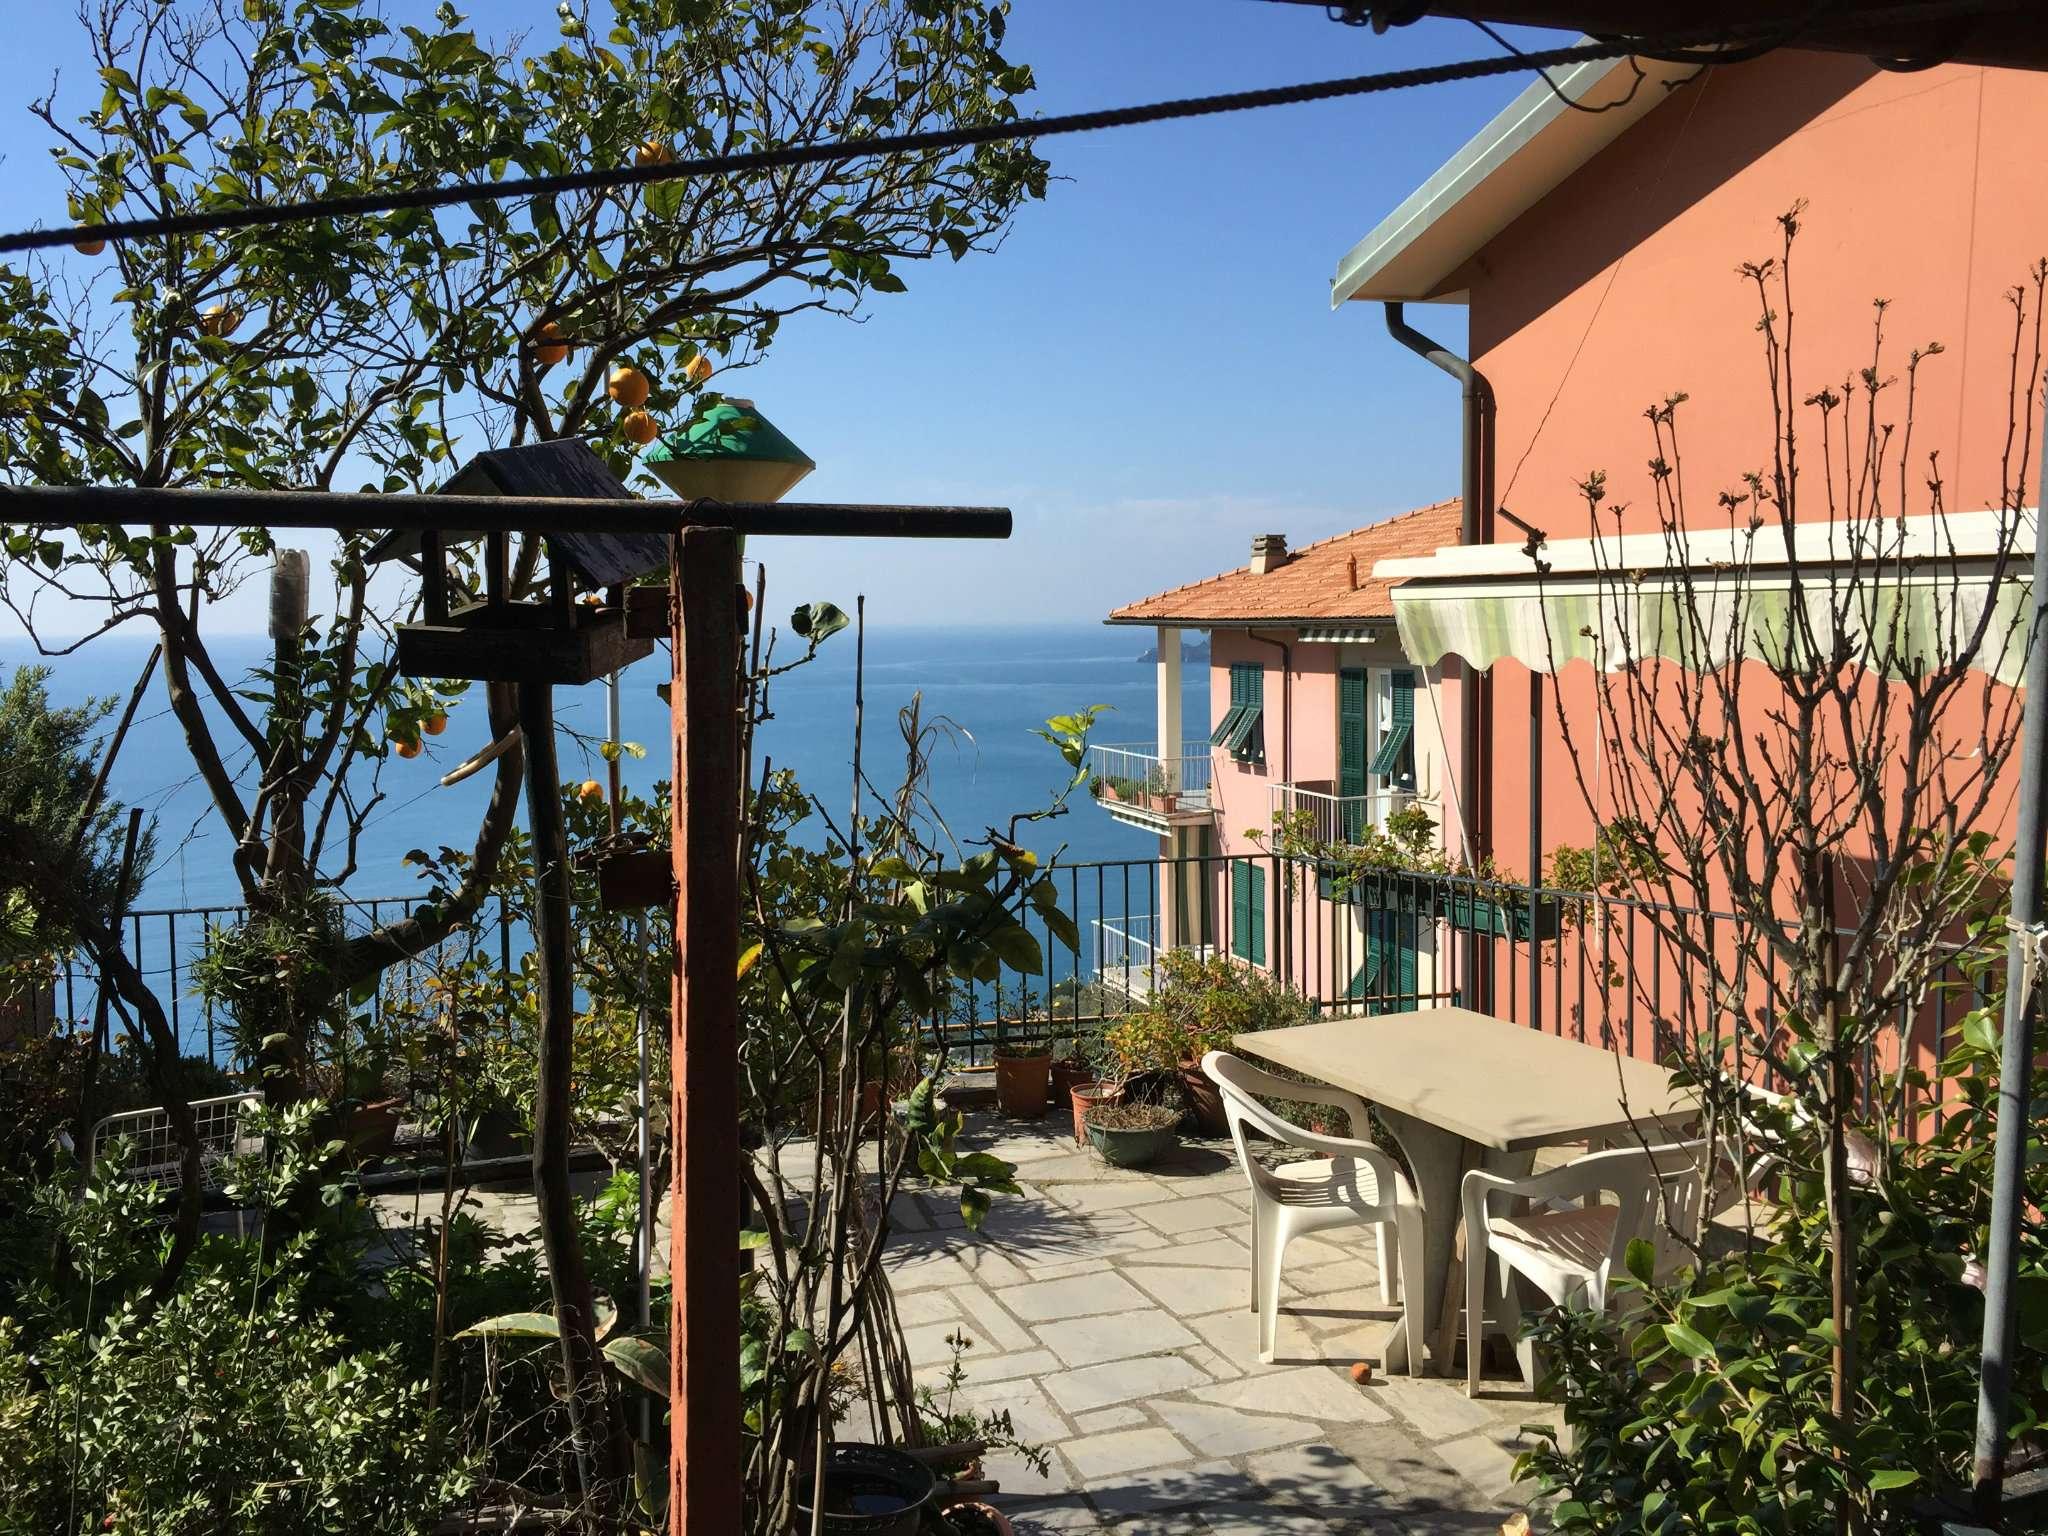 Palazzo / Stabile in vendita a Chiavari, 6 locali, prezzo € 550.000 | Cambio Casa.it